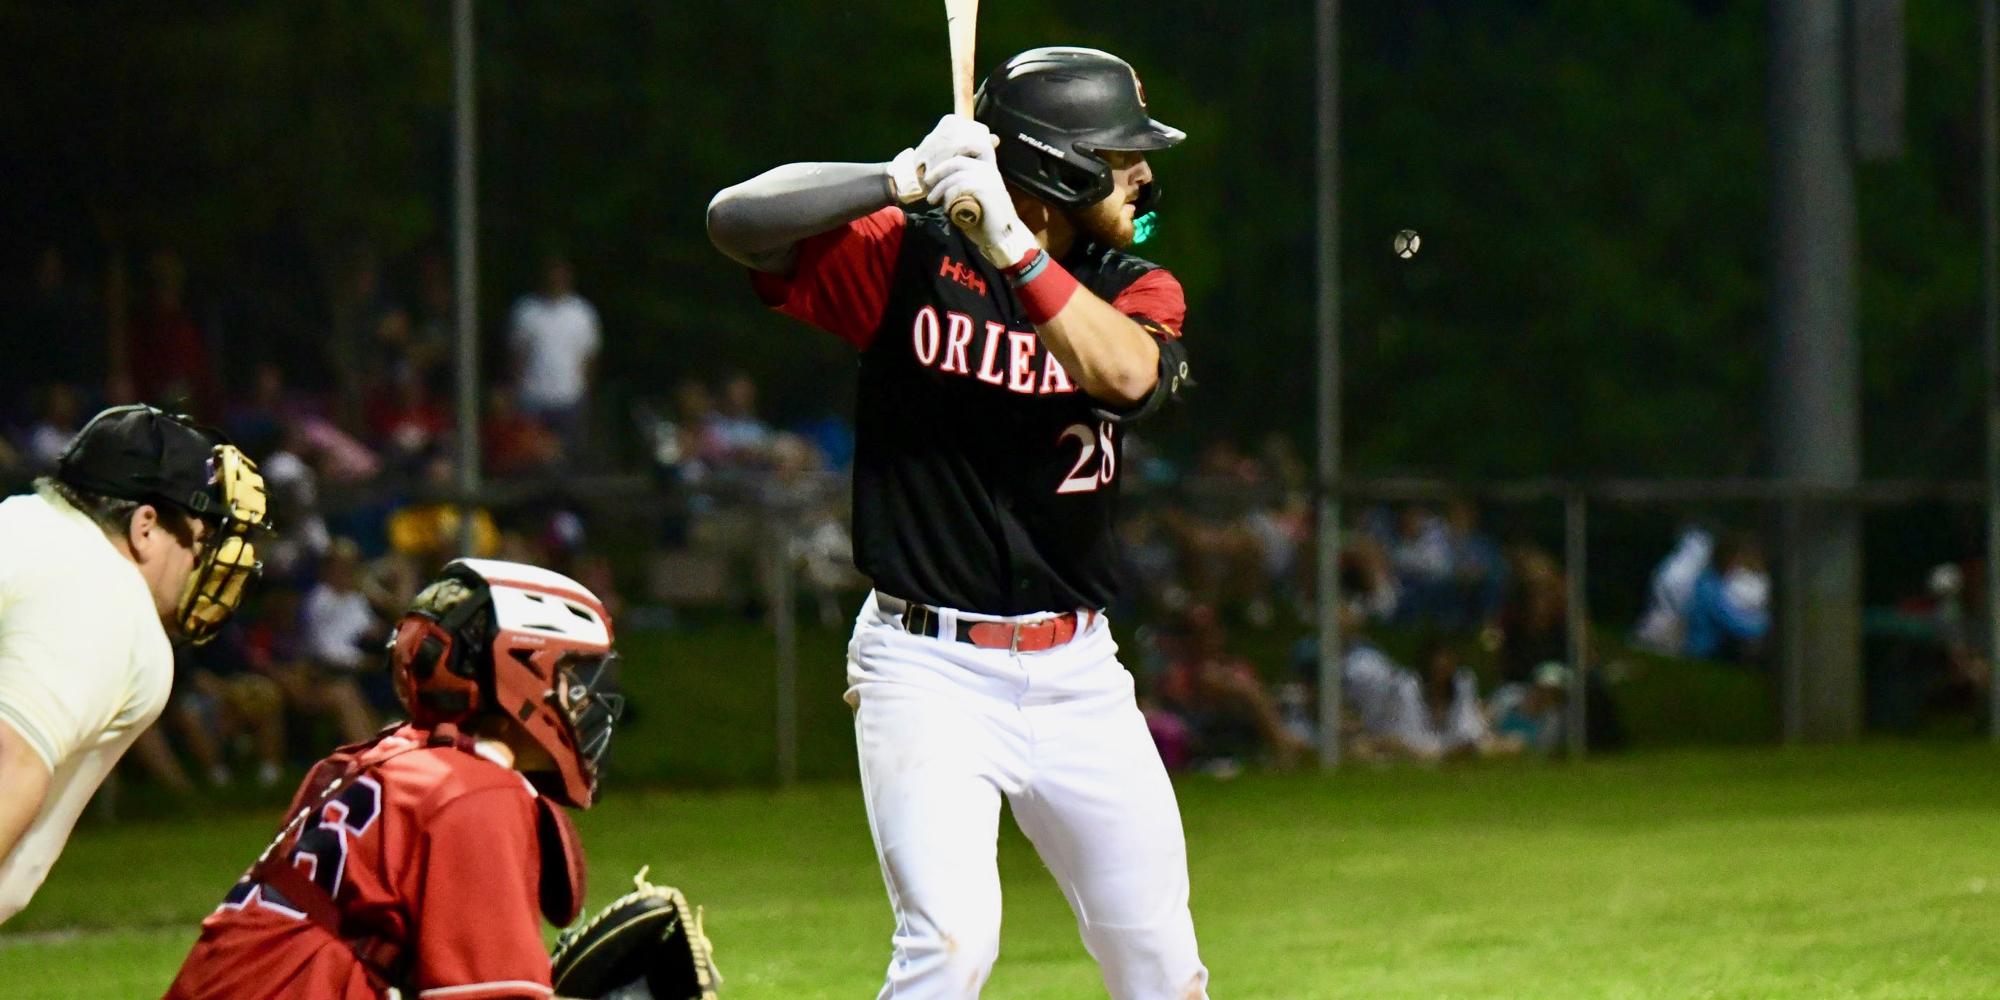 Cape Cod League Prospect Notes: Orleans • D1Baseball